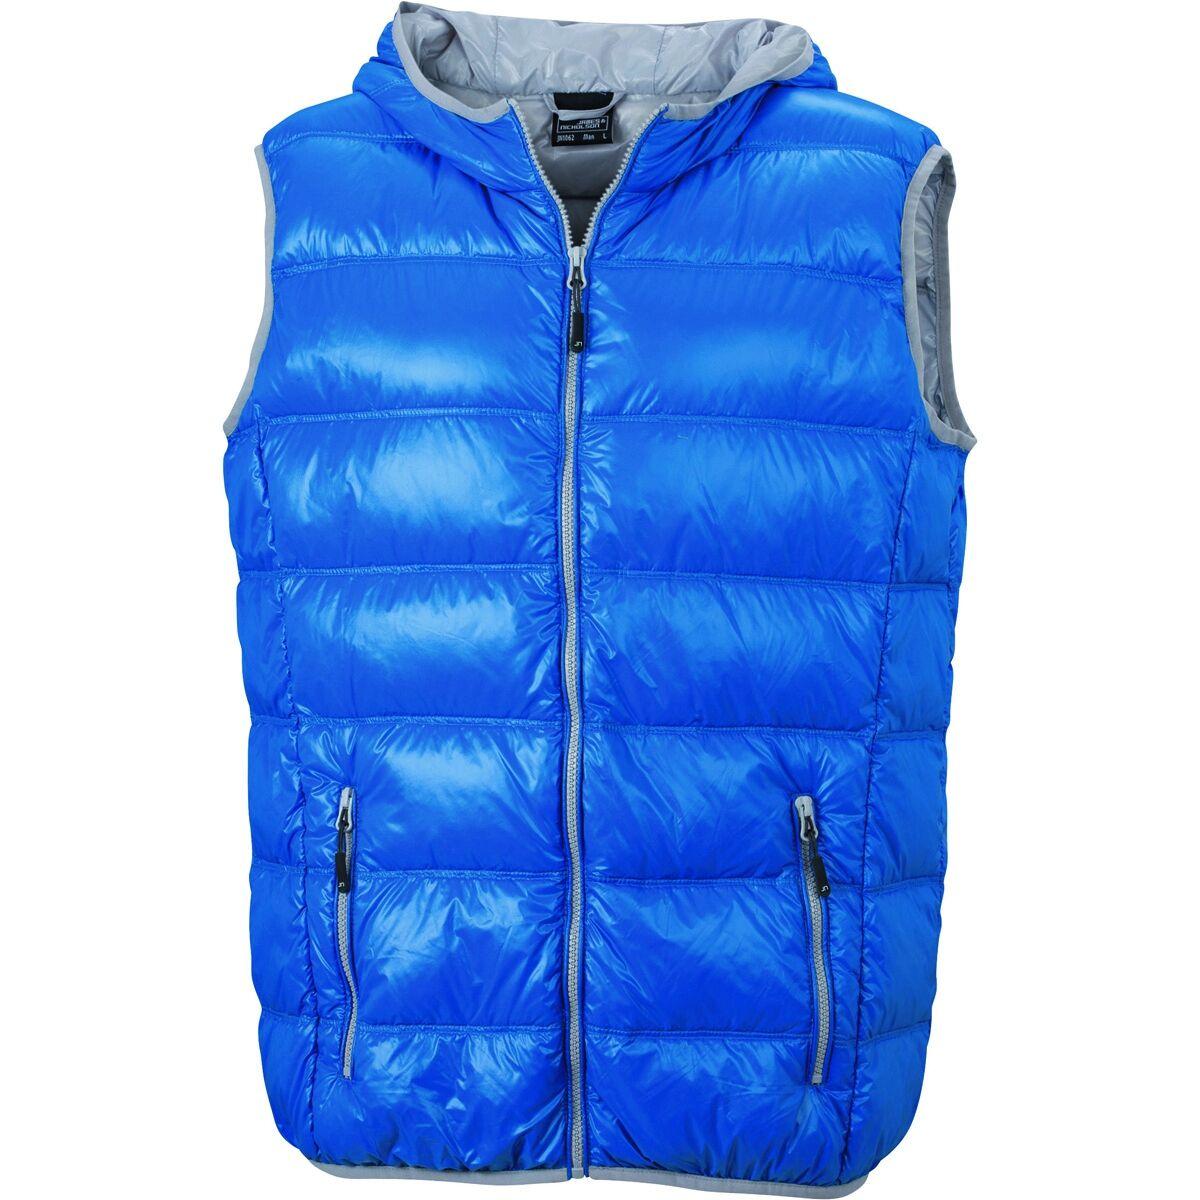 Bodywarmer duvet doudoune sans manches anorak homme - JN1062 - bleu